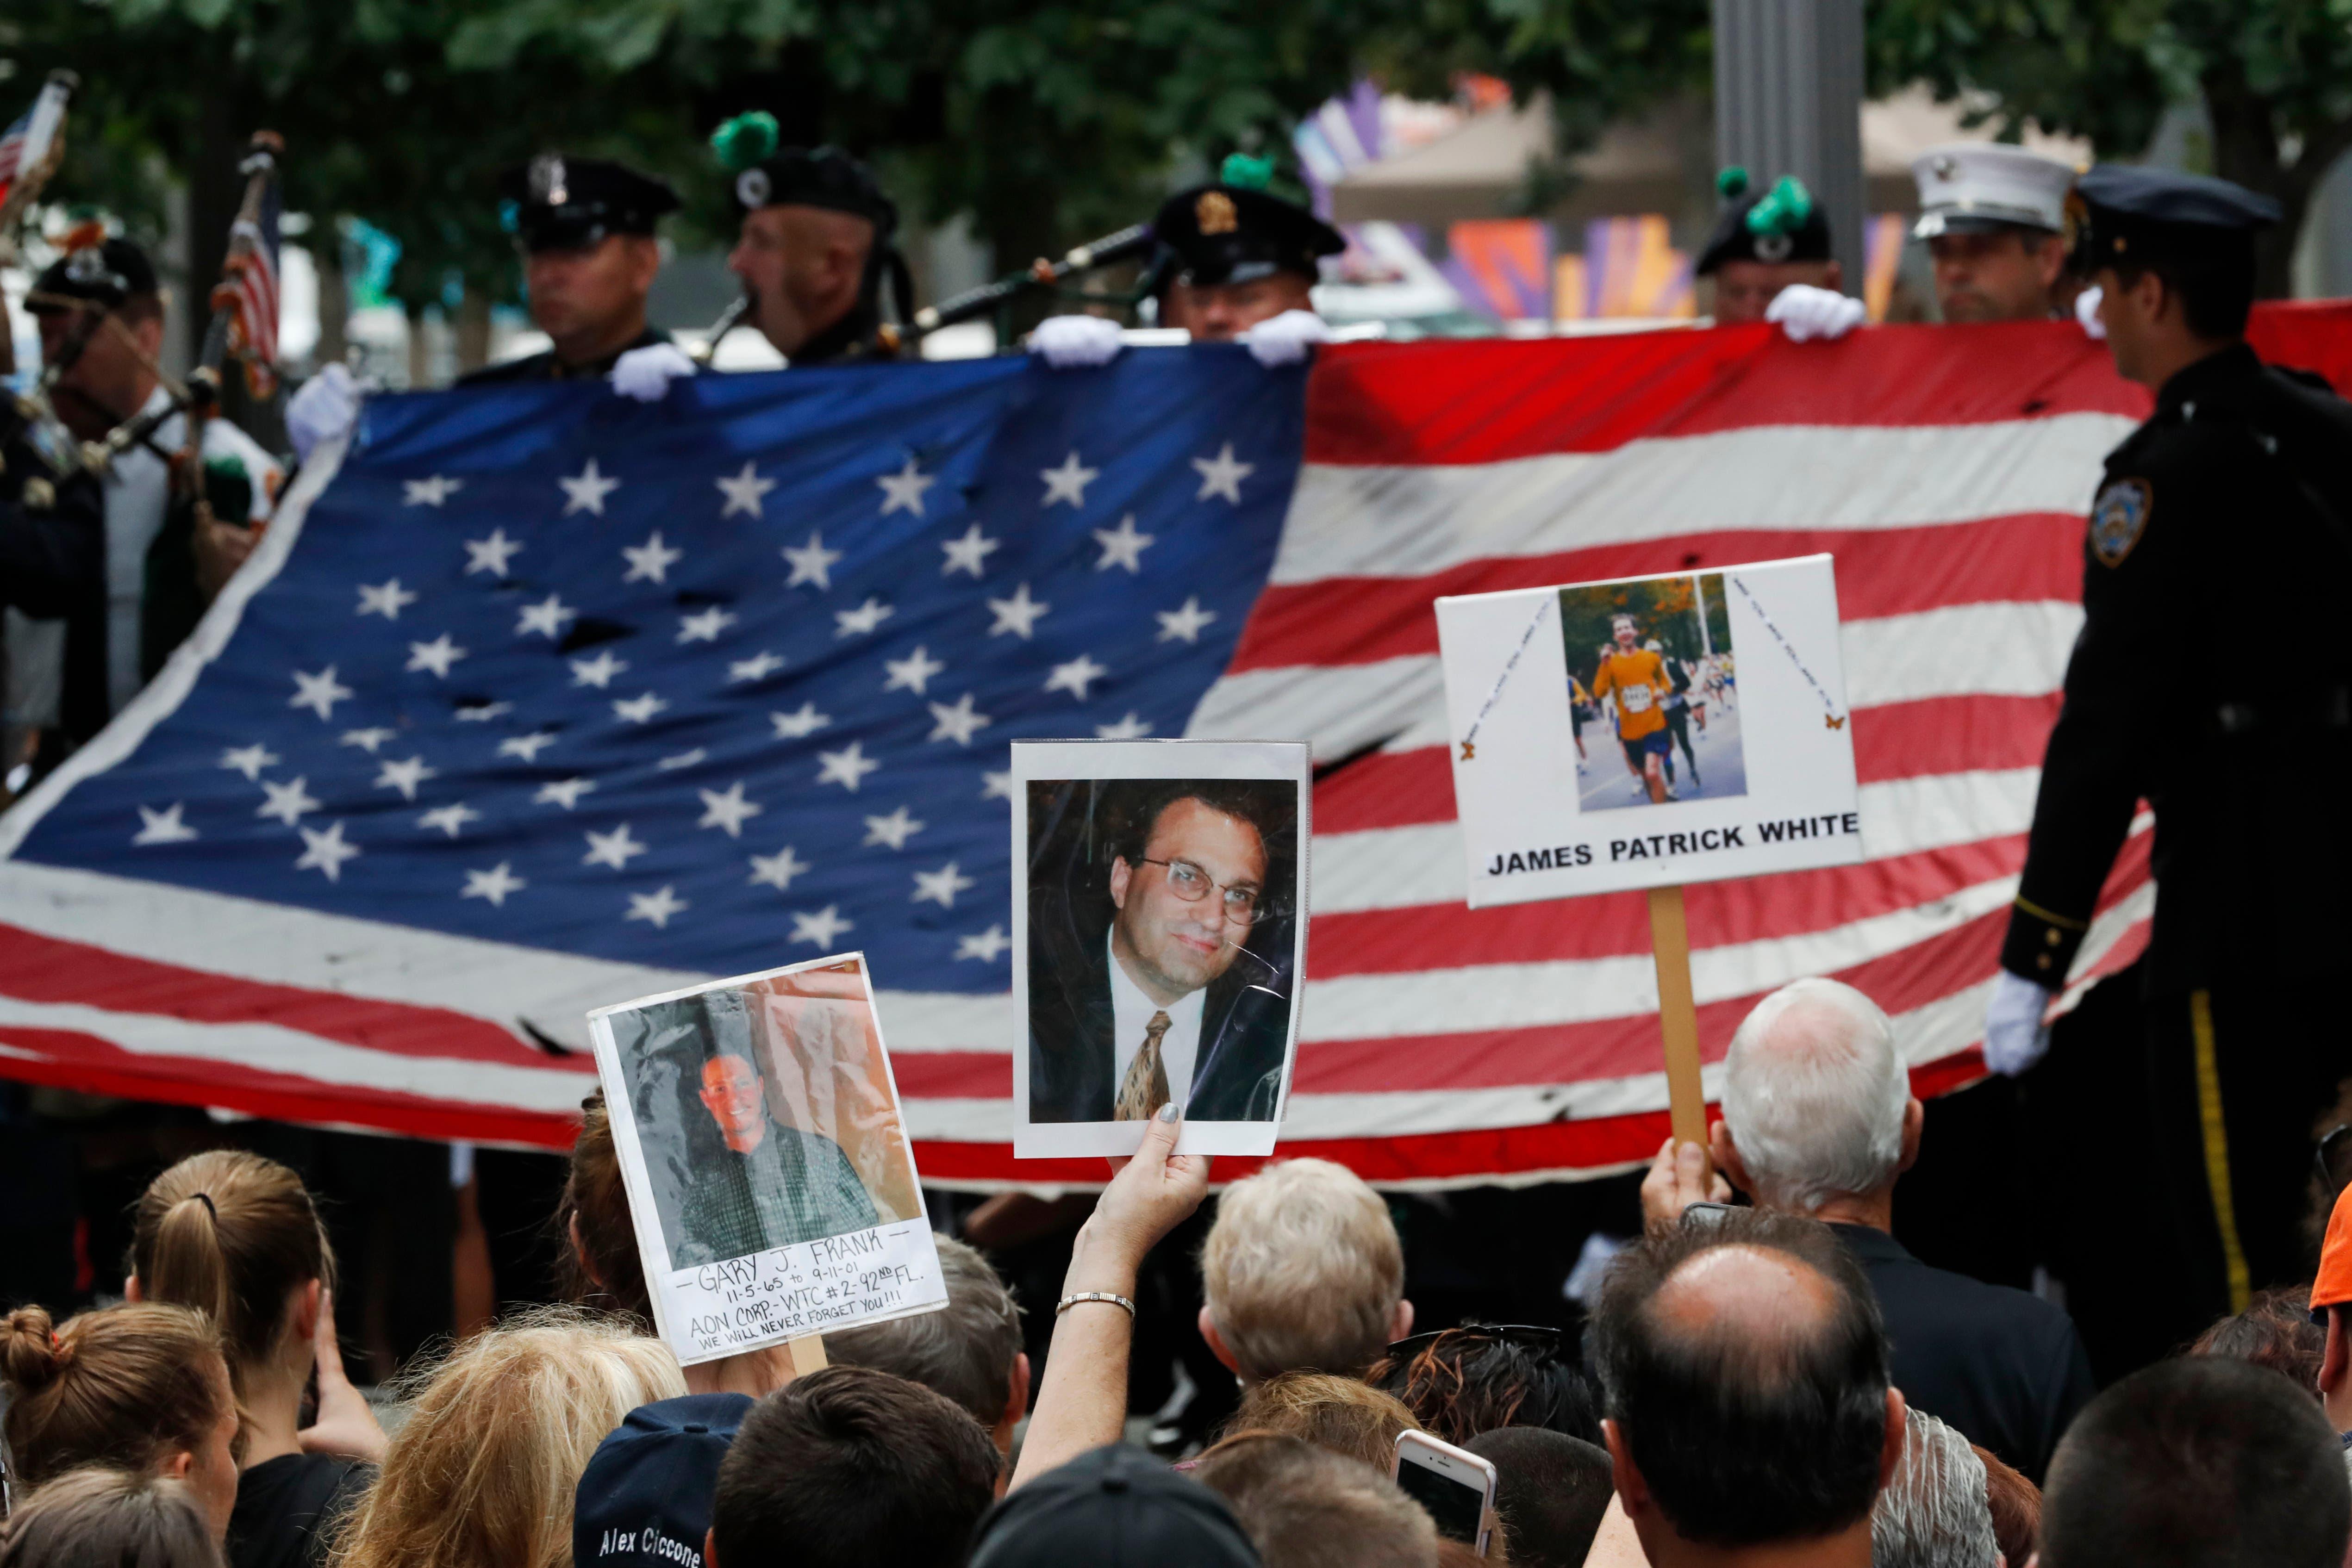 El coronavirus altera también los homenajes por el atentado 11 de septiembre